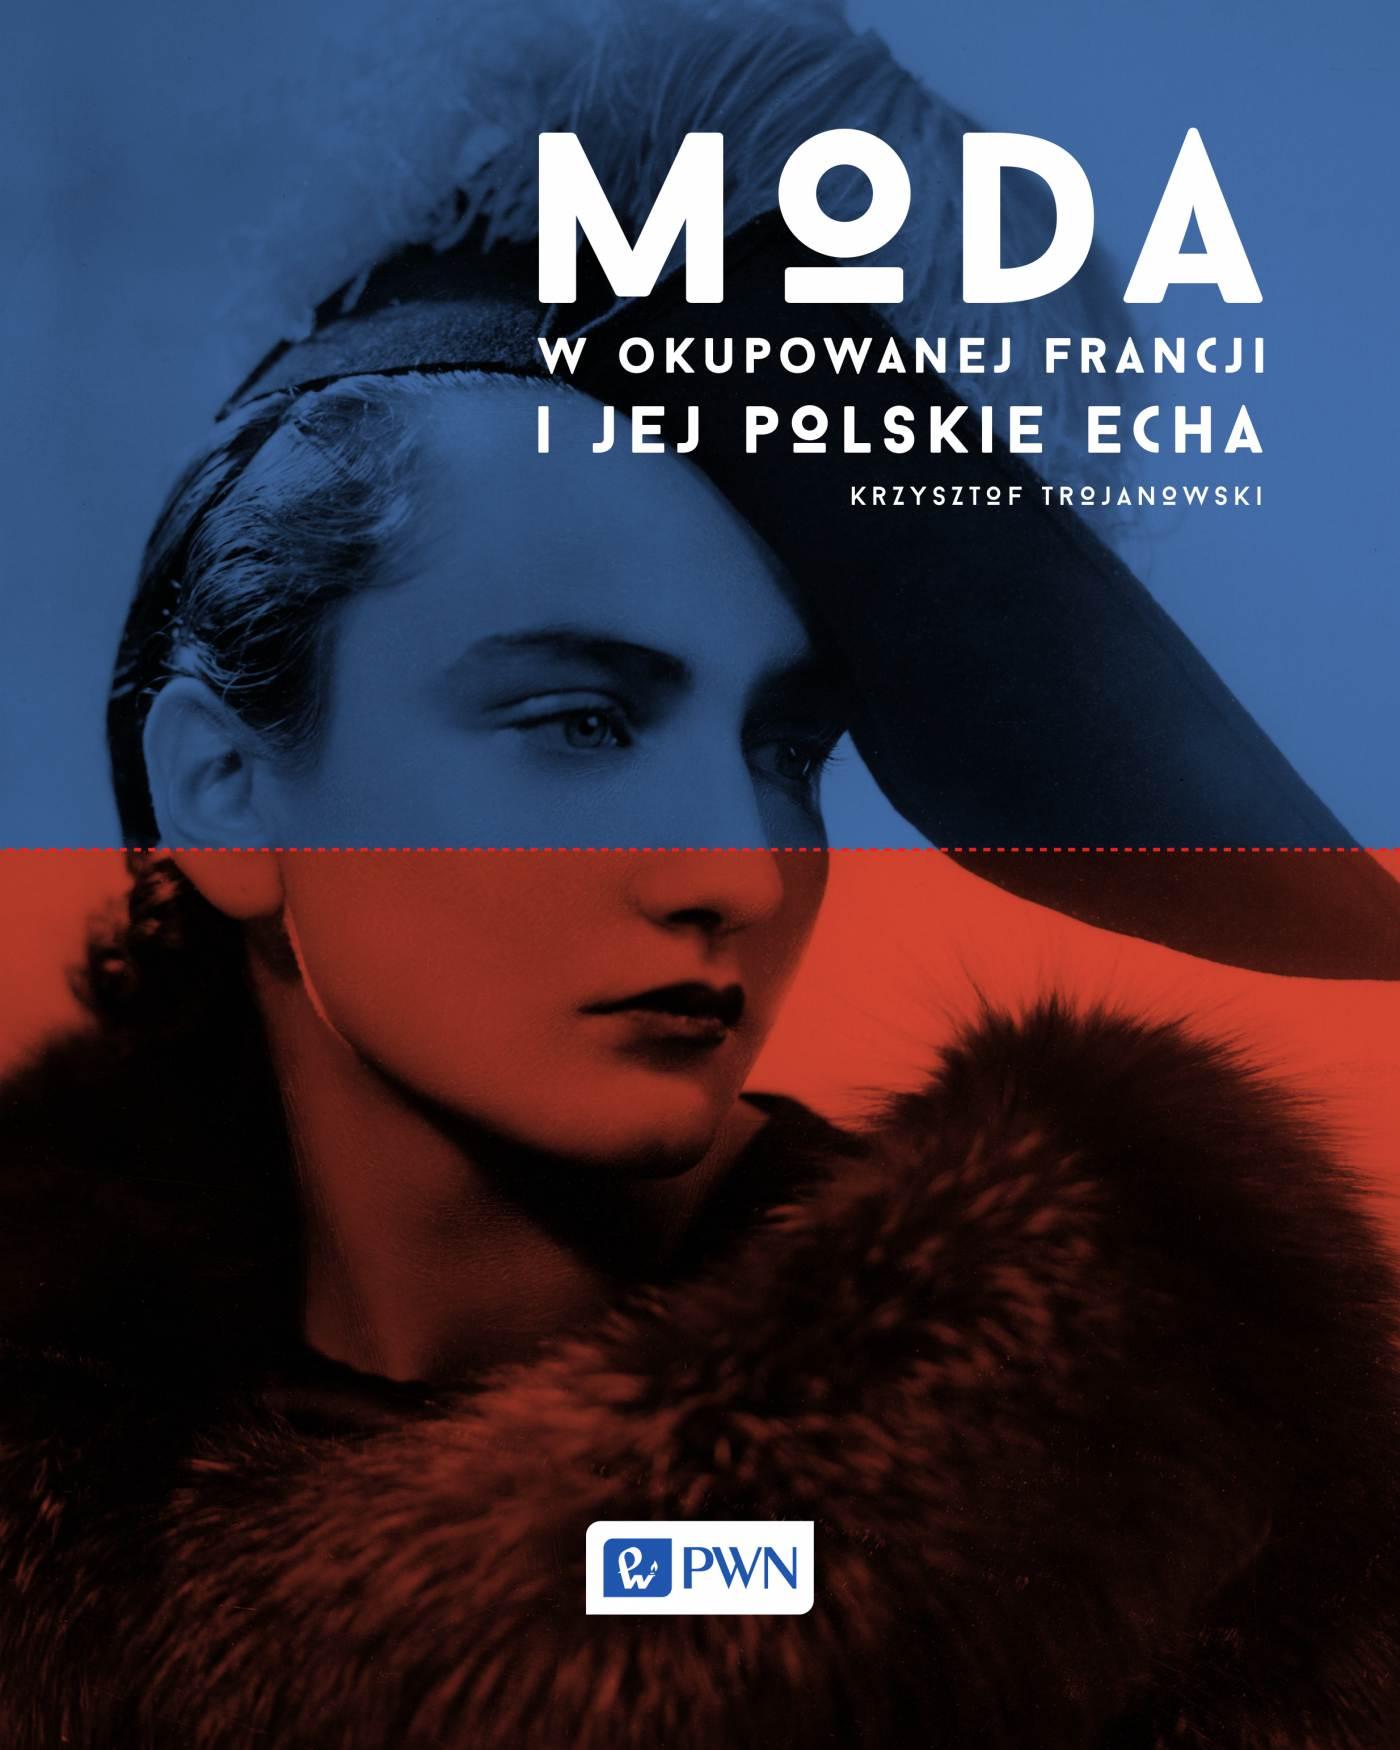 Moda w okupowanej Francji - Ebook (Książka na Kindle) do pobrania w formacie MOBI